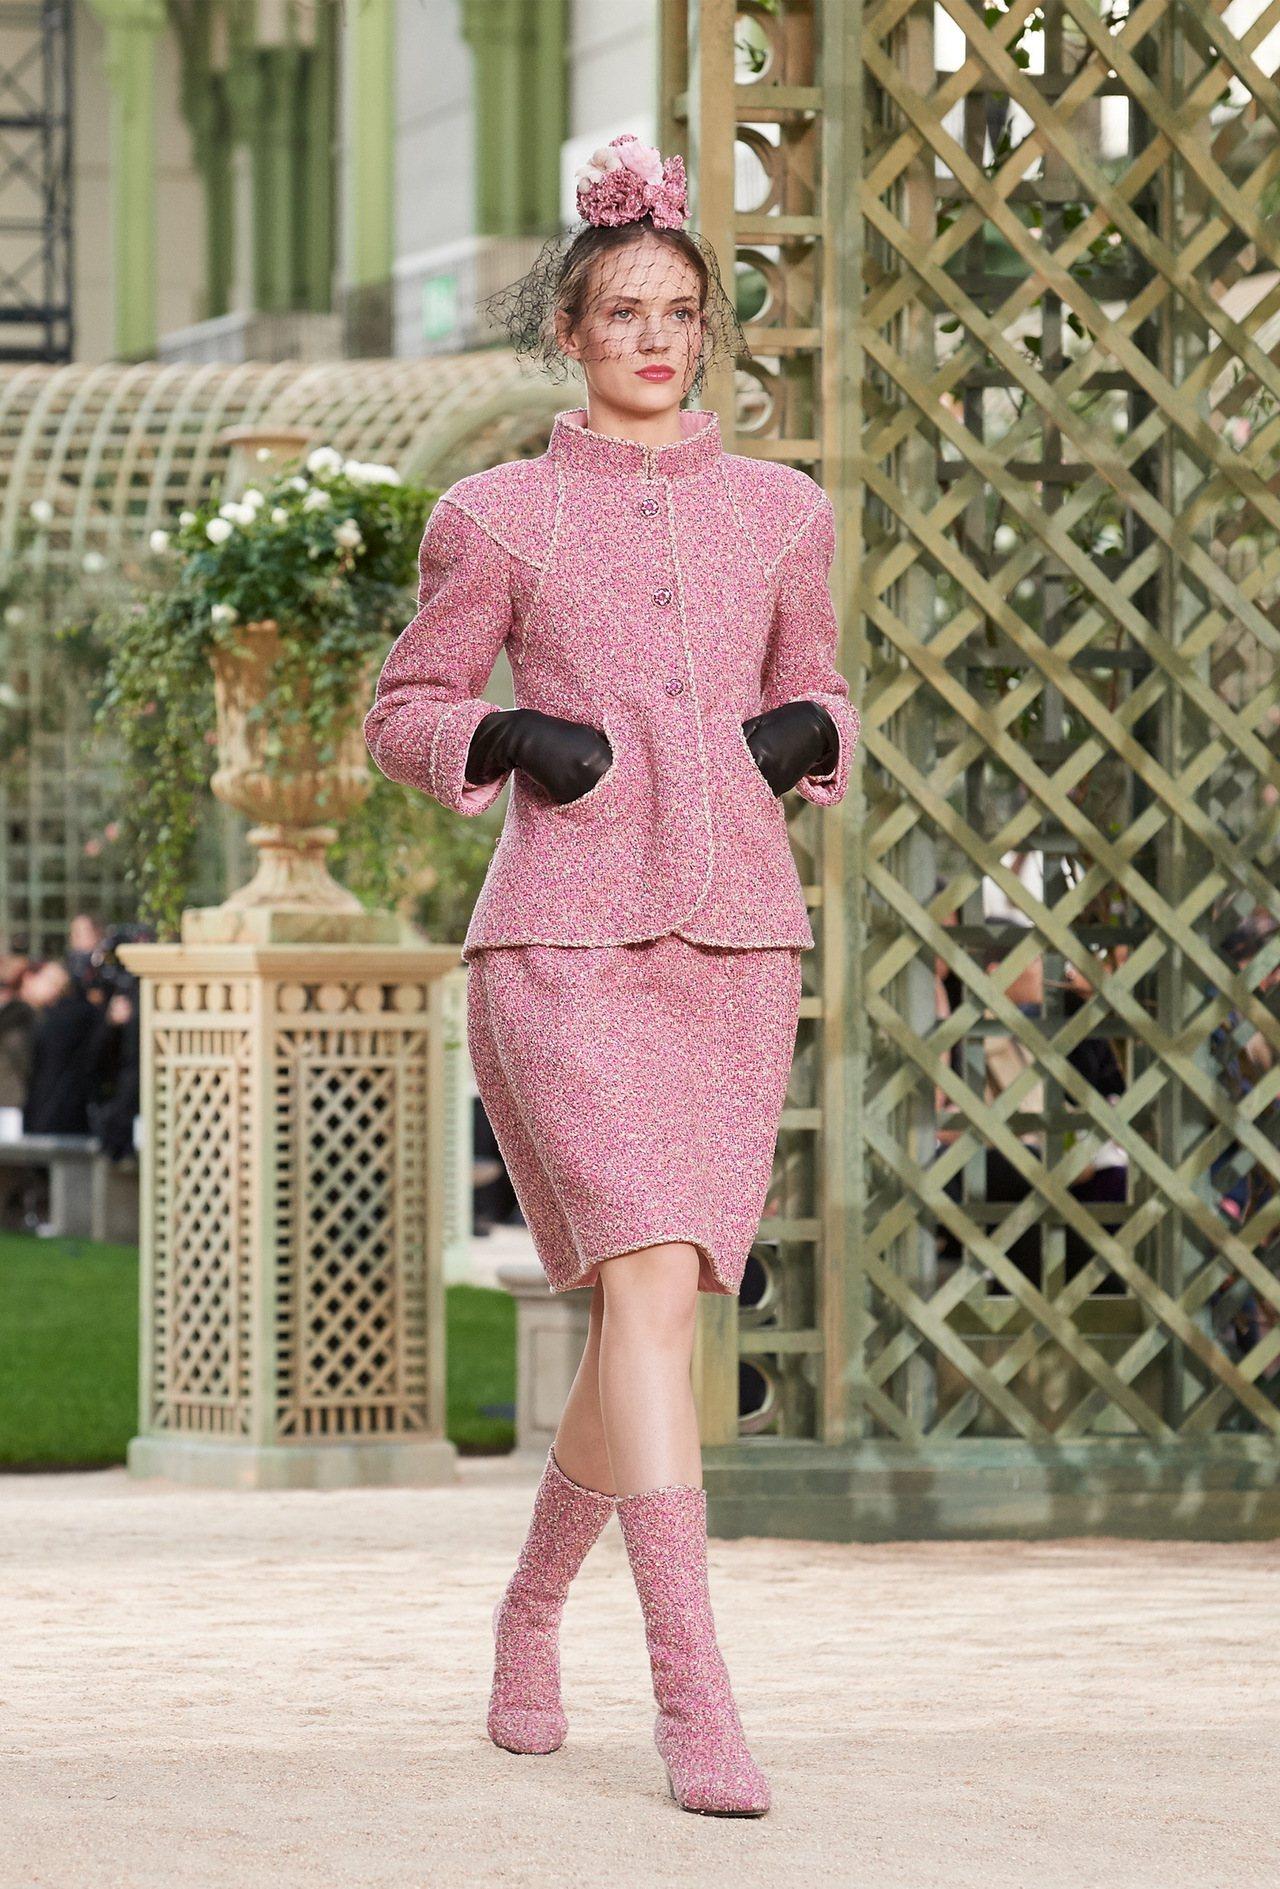 口袋設計也增添俏皮便利性,讓香奈兒女郎行走間更瀟灑率性,被卡爾拉格斐稱為「新姿態...